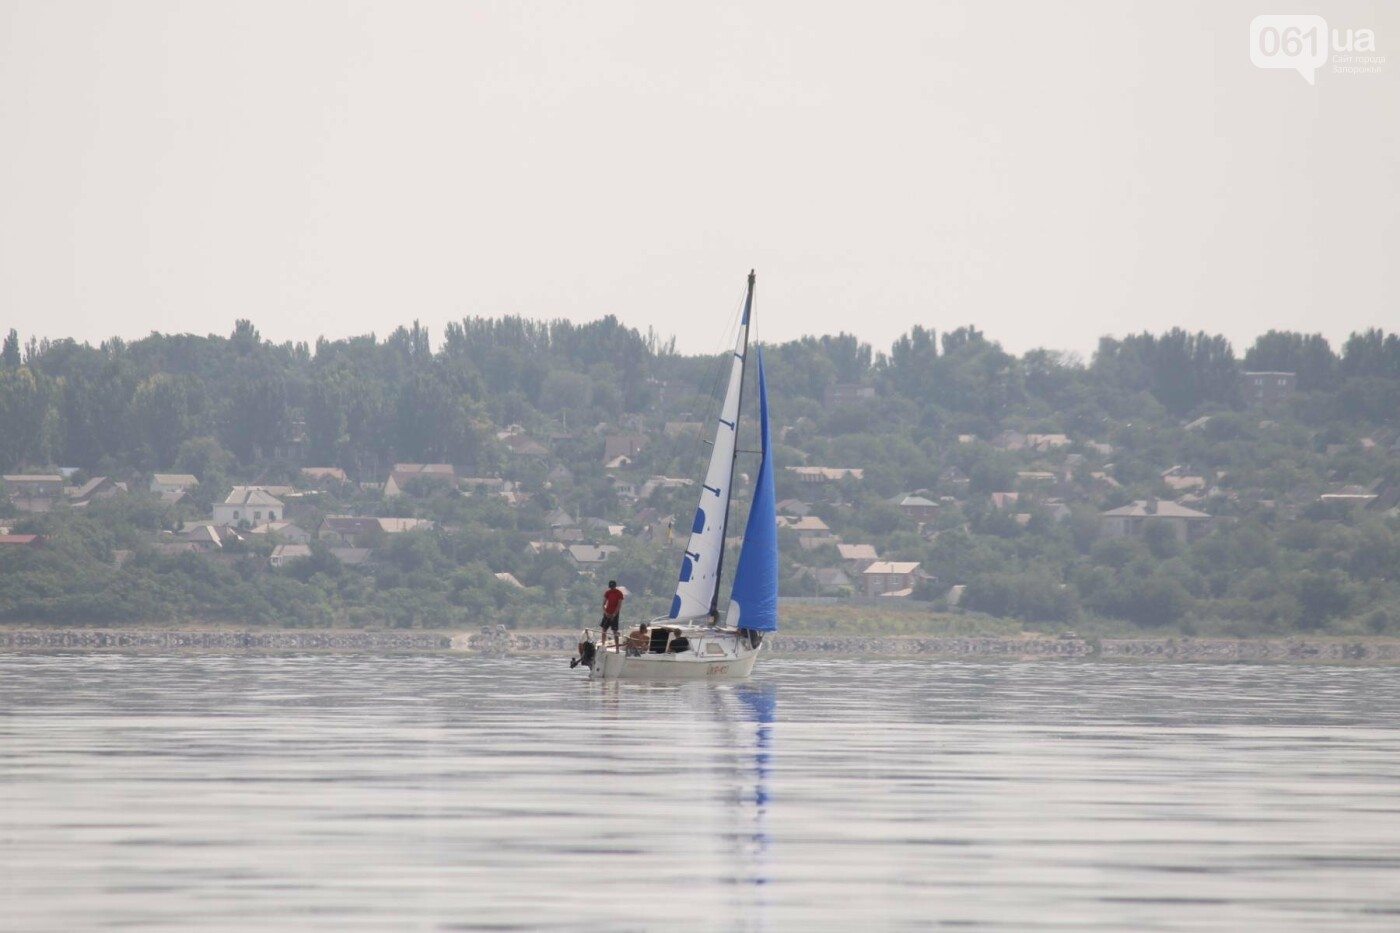 Сотни спортсменов и десятки яхт: как в Запорожье проходит парусная регата, – ФОТОРЕПОРТАЖ, фото-10